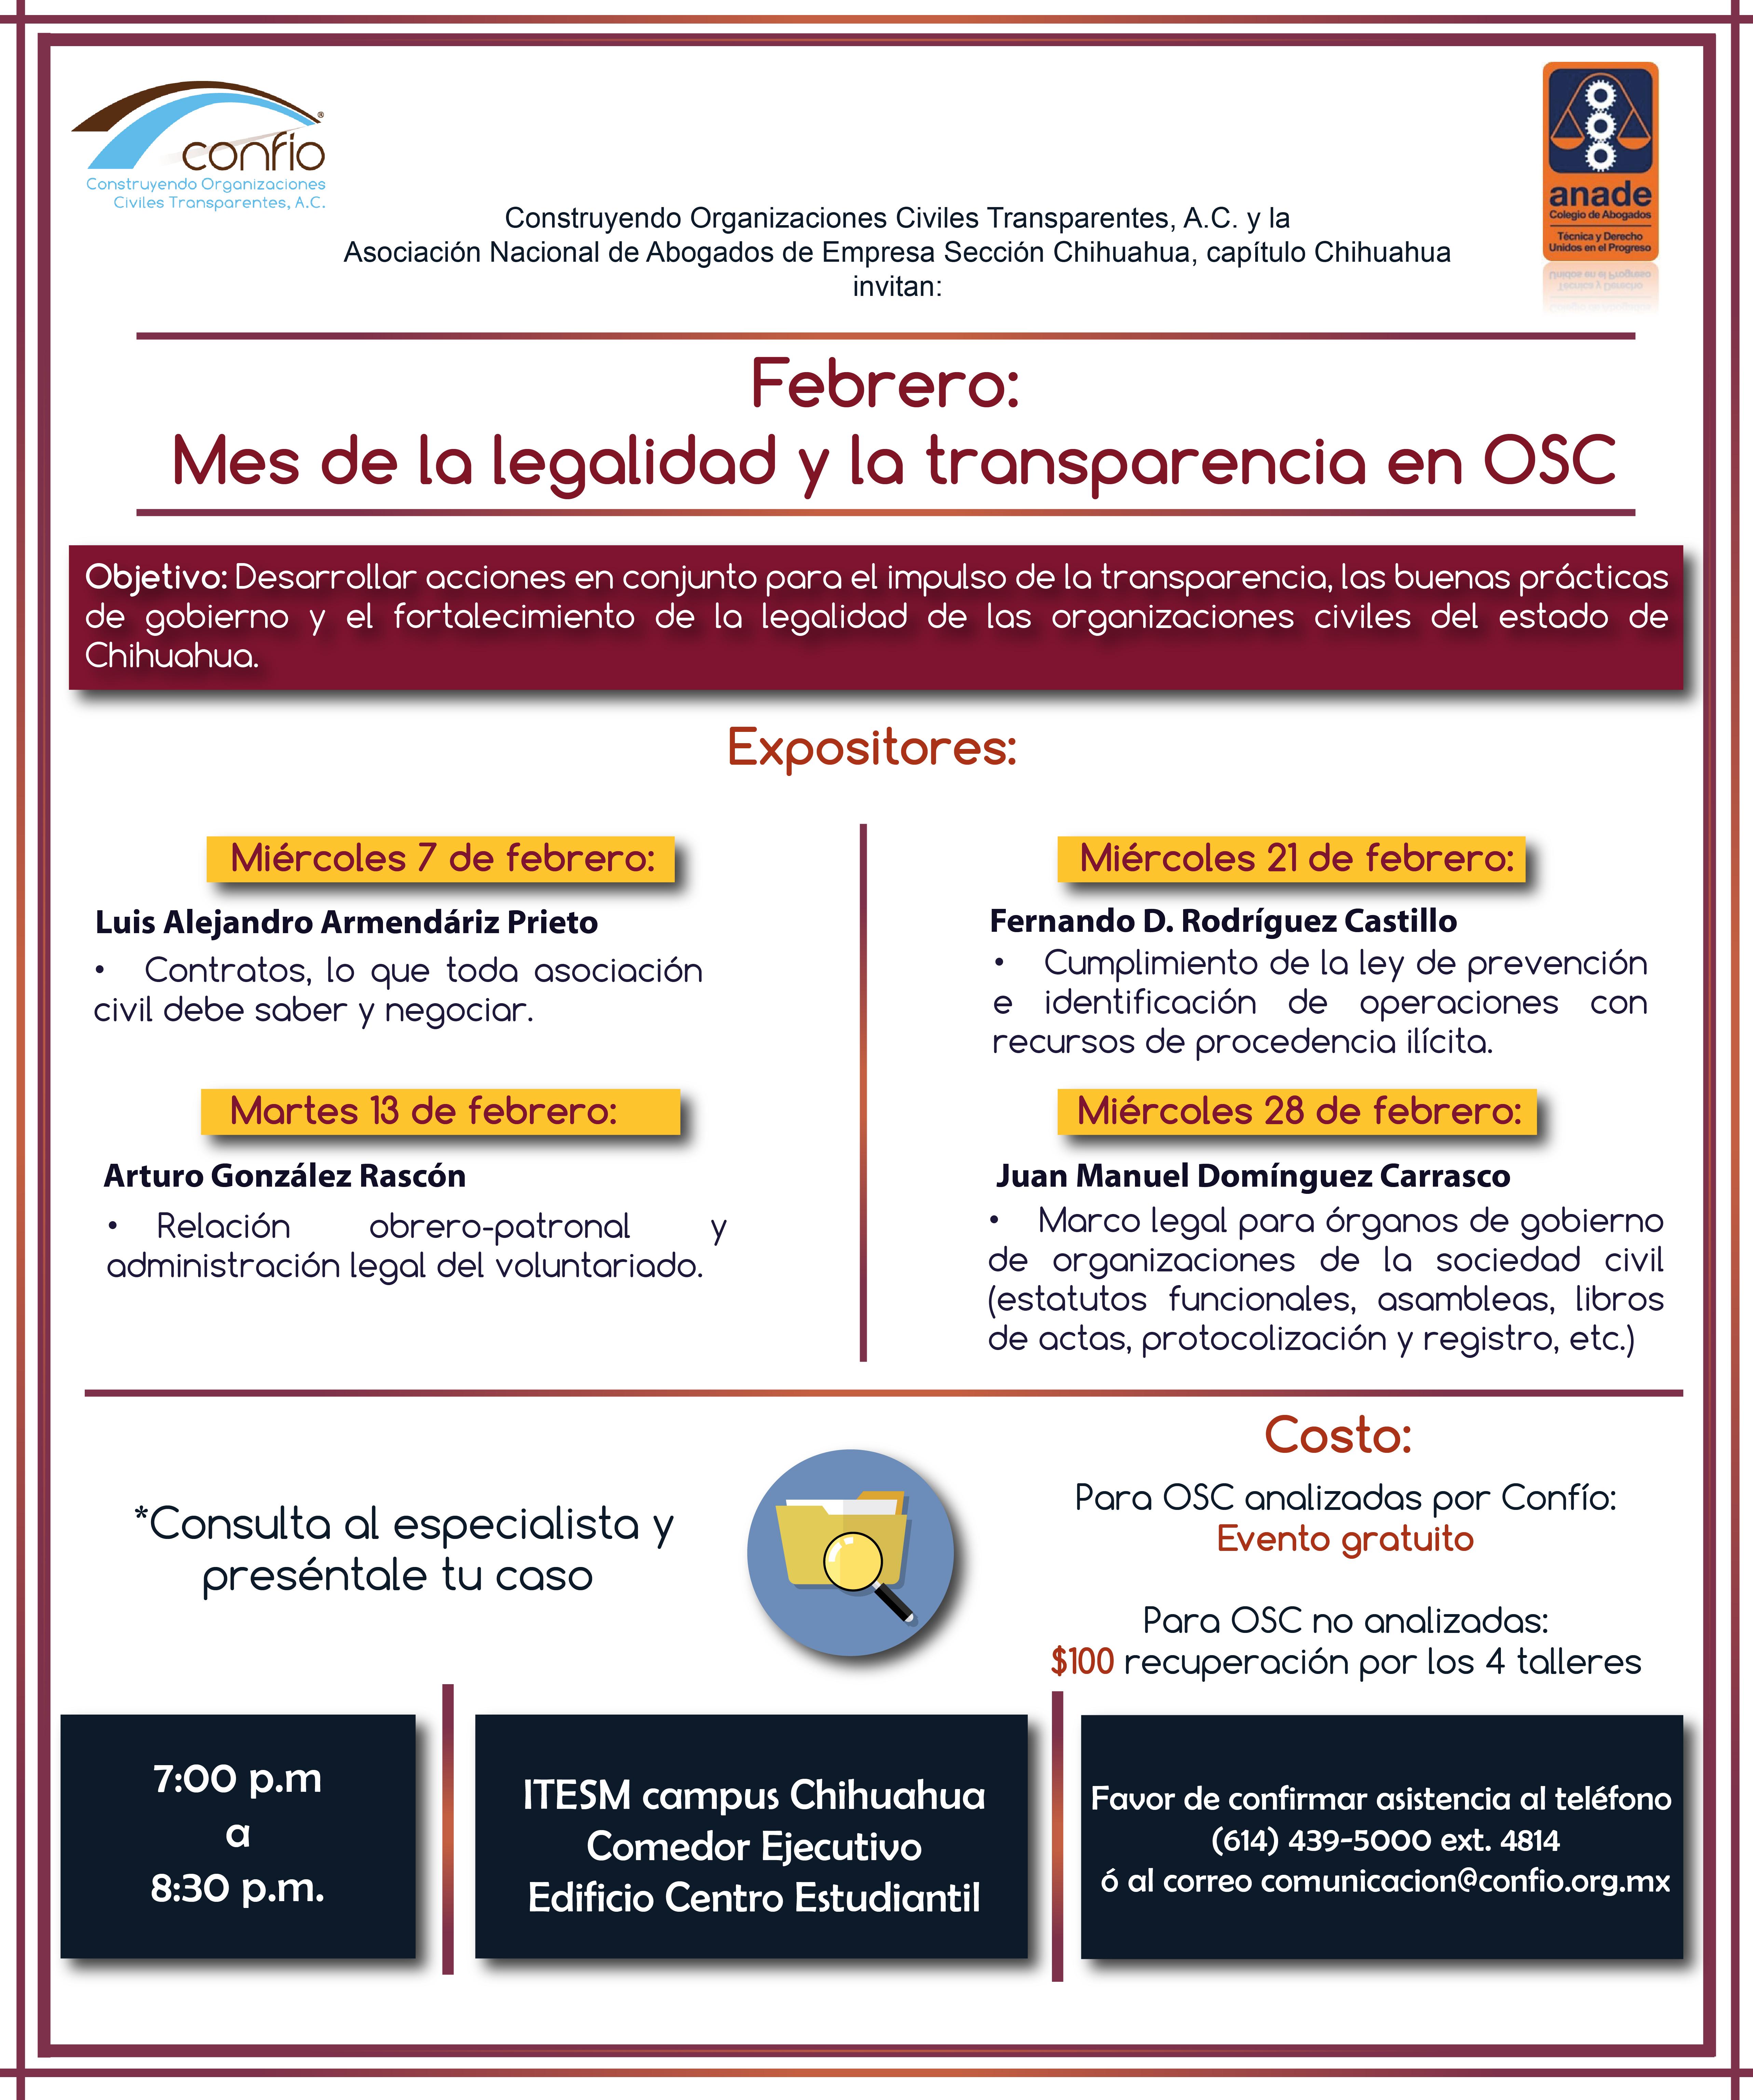 Mes de la legalidad y transparencia en OSC